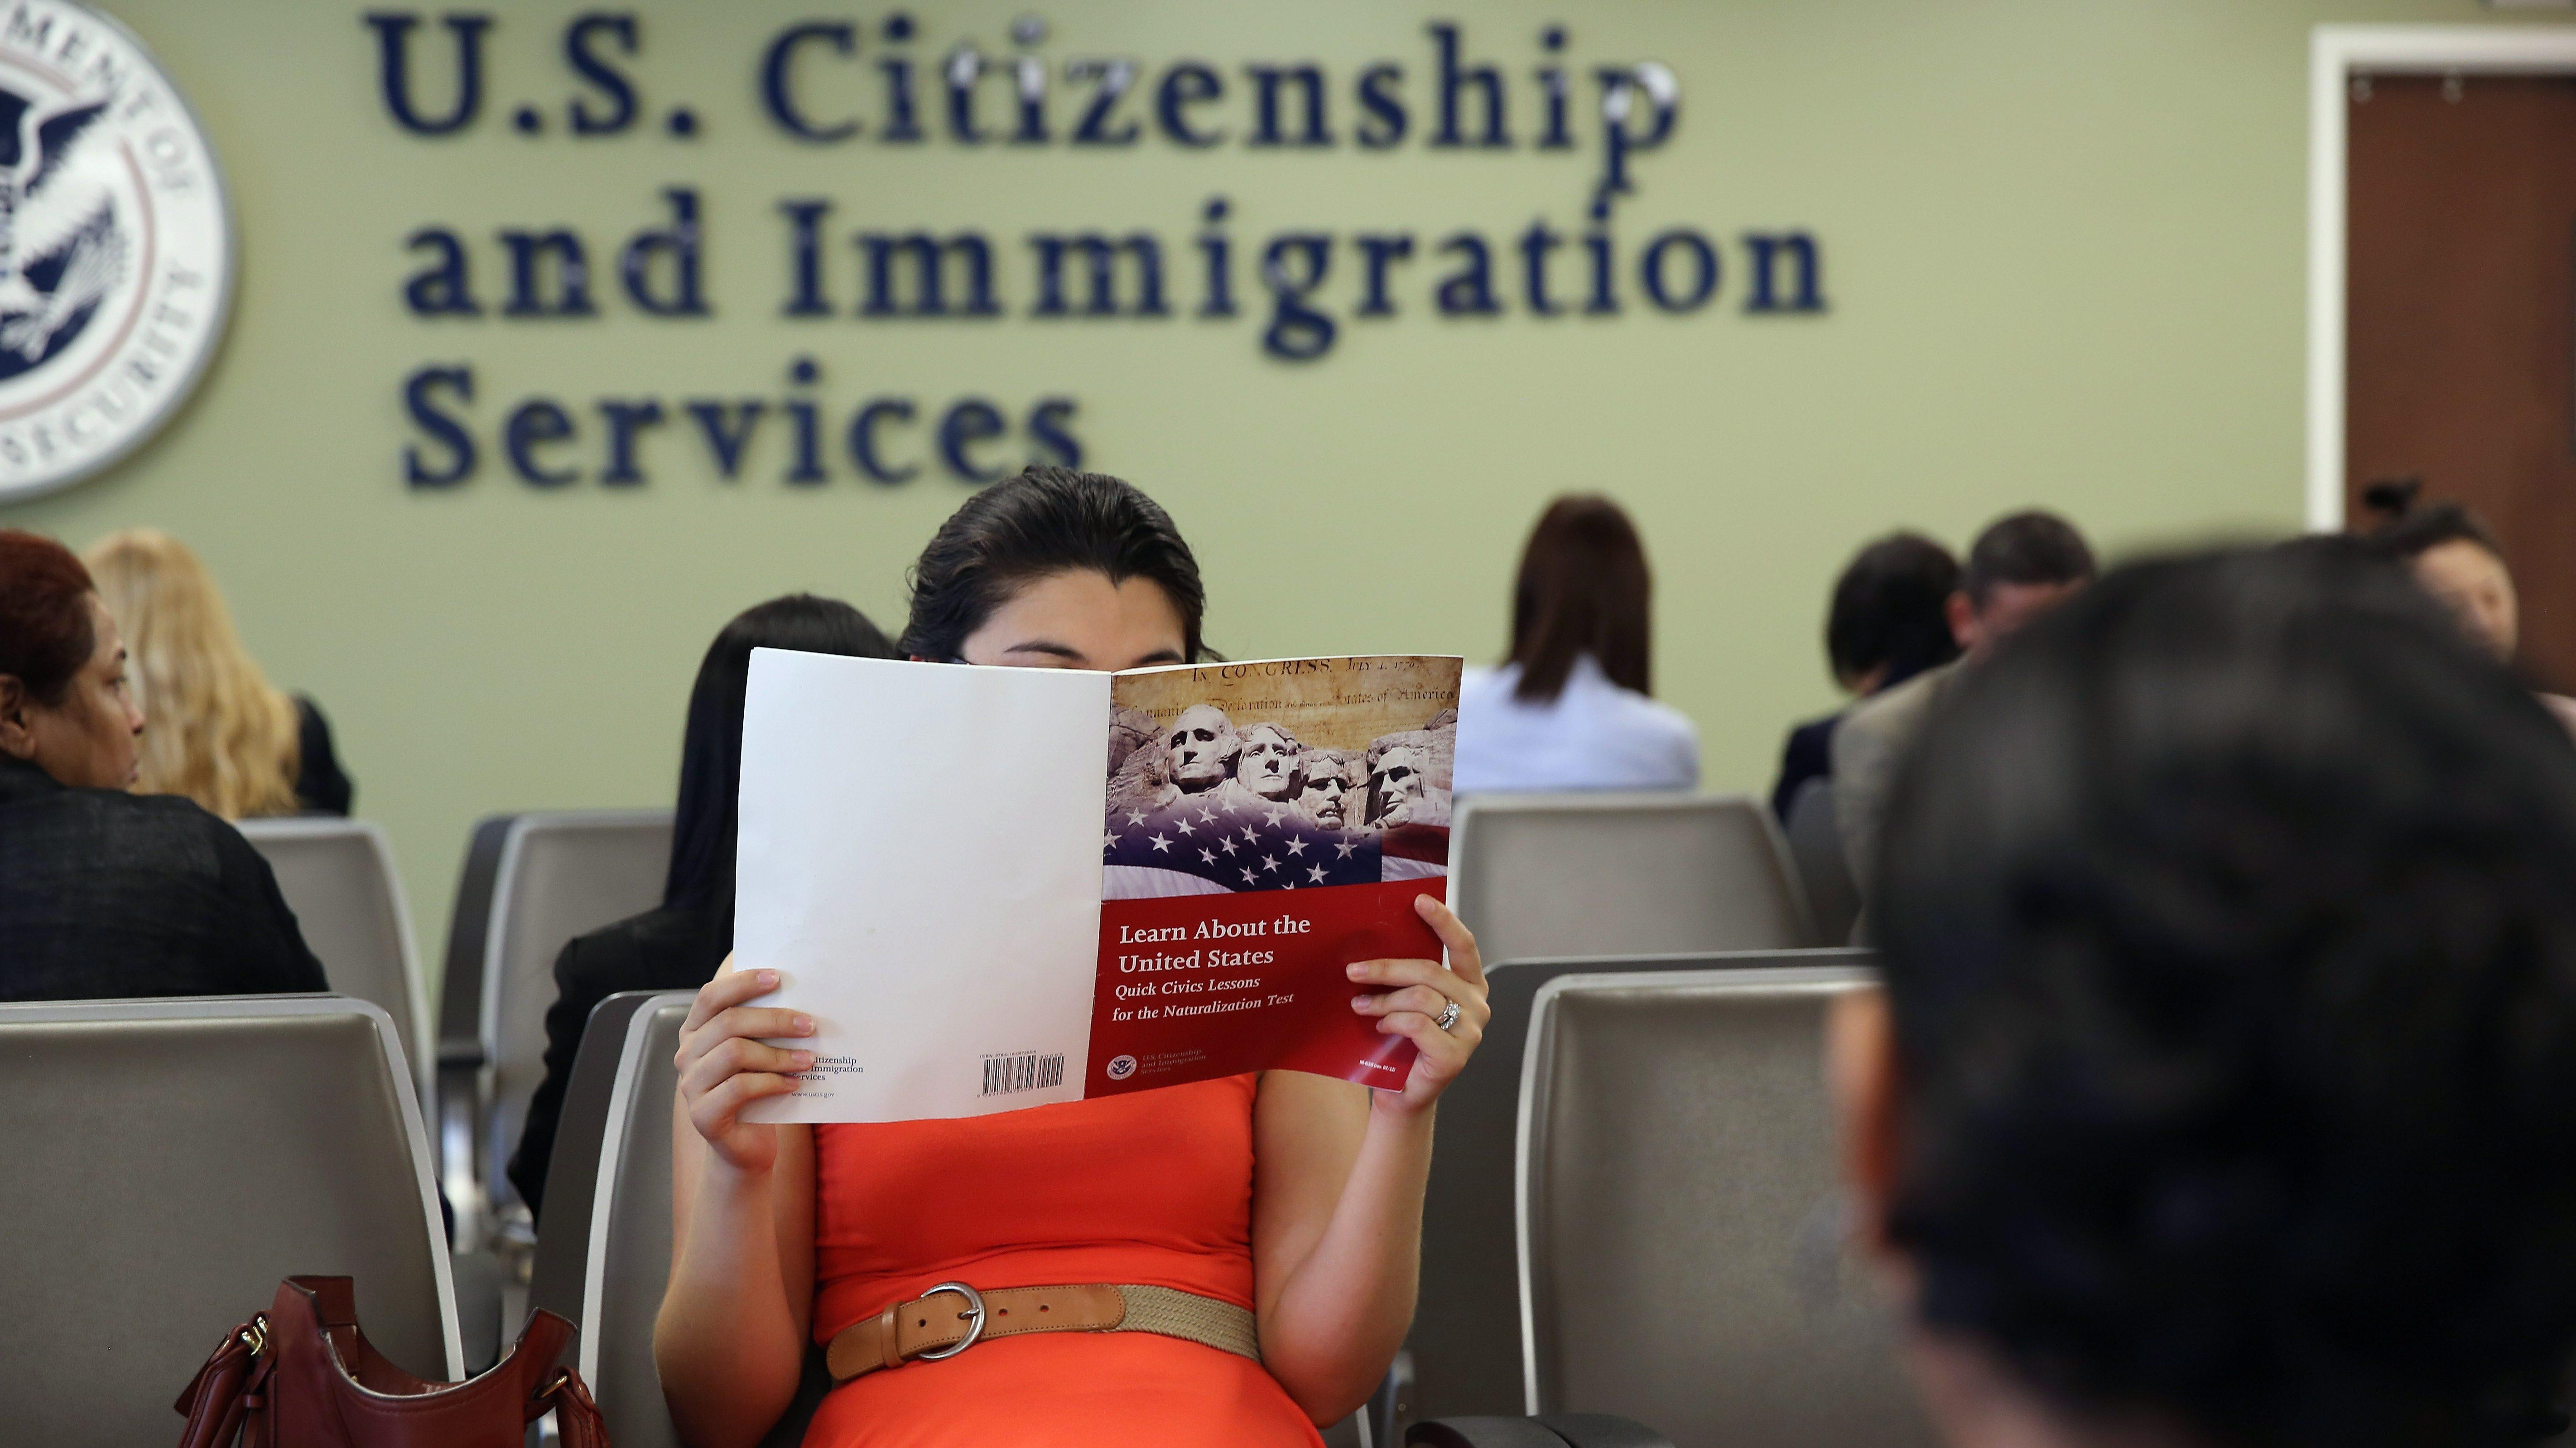 ciudadania americana,examen de ciudadania,preguntas de ciudadania,preguntas para la ciudadania,preguntas de la ciudadania,examen de ciudadania americana,clases de ciudadania,ciudadania americana gratis